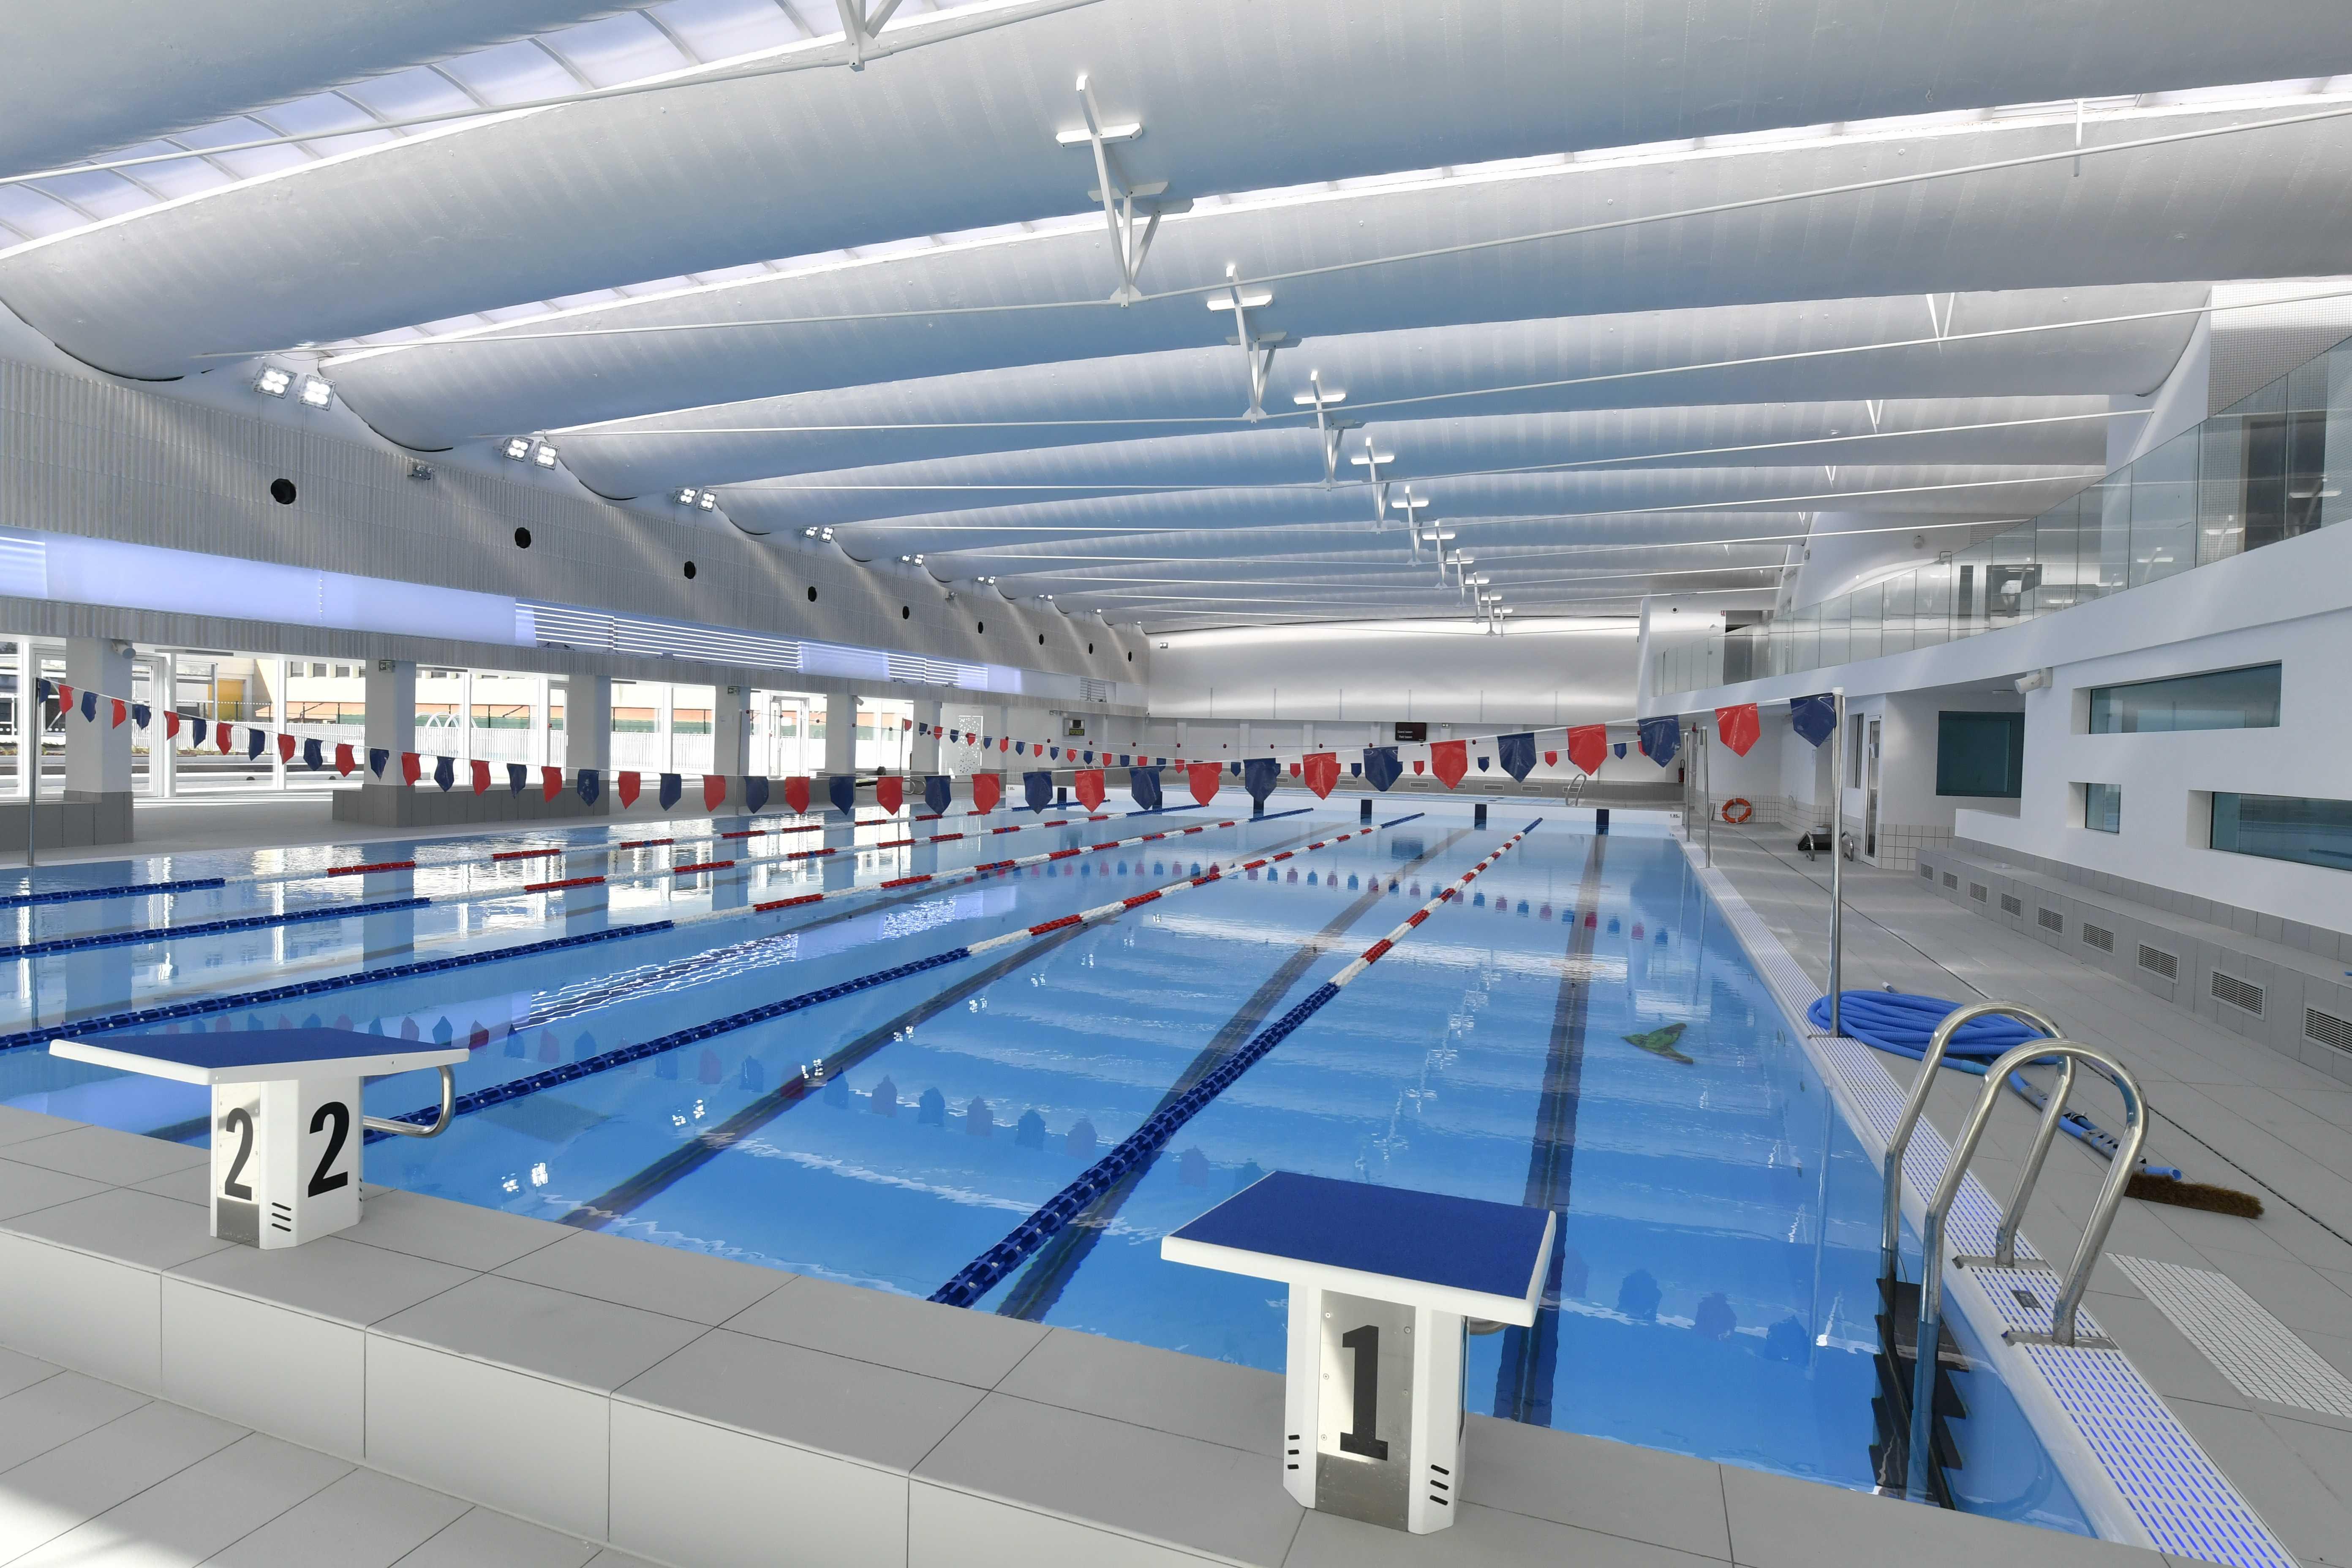 issy les moulineaux inaugure la piscine du futur sport. Black Bedroom Furniture Sets. Home Design Ideas